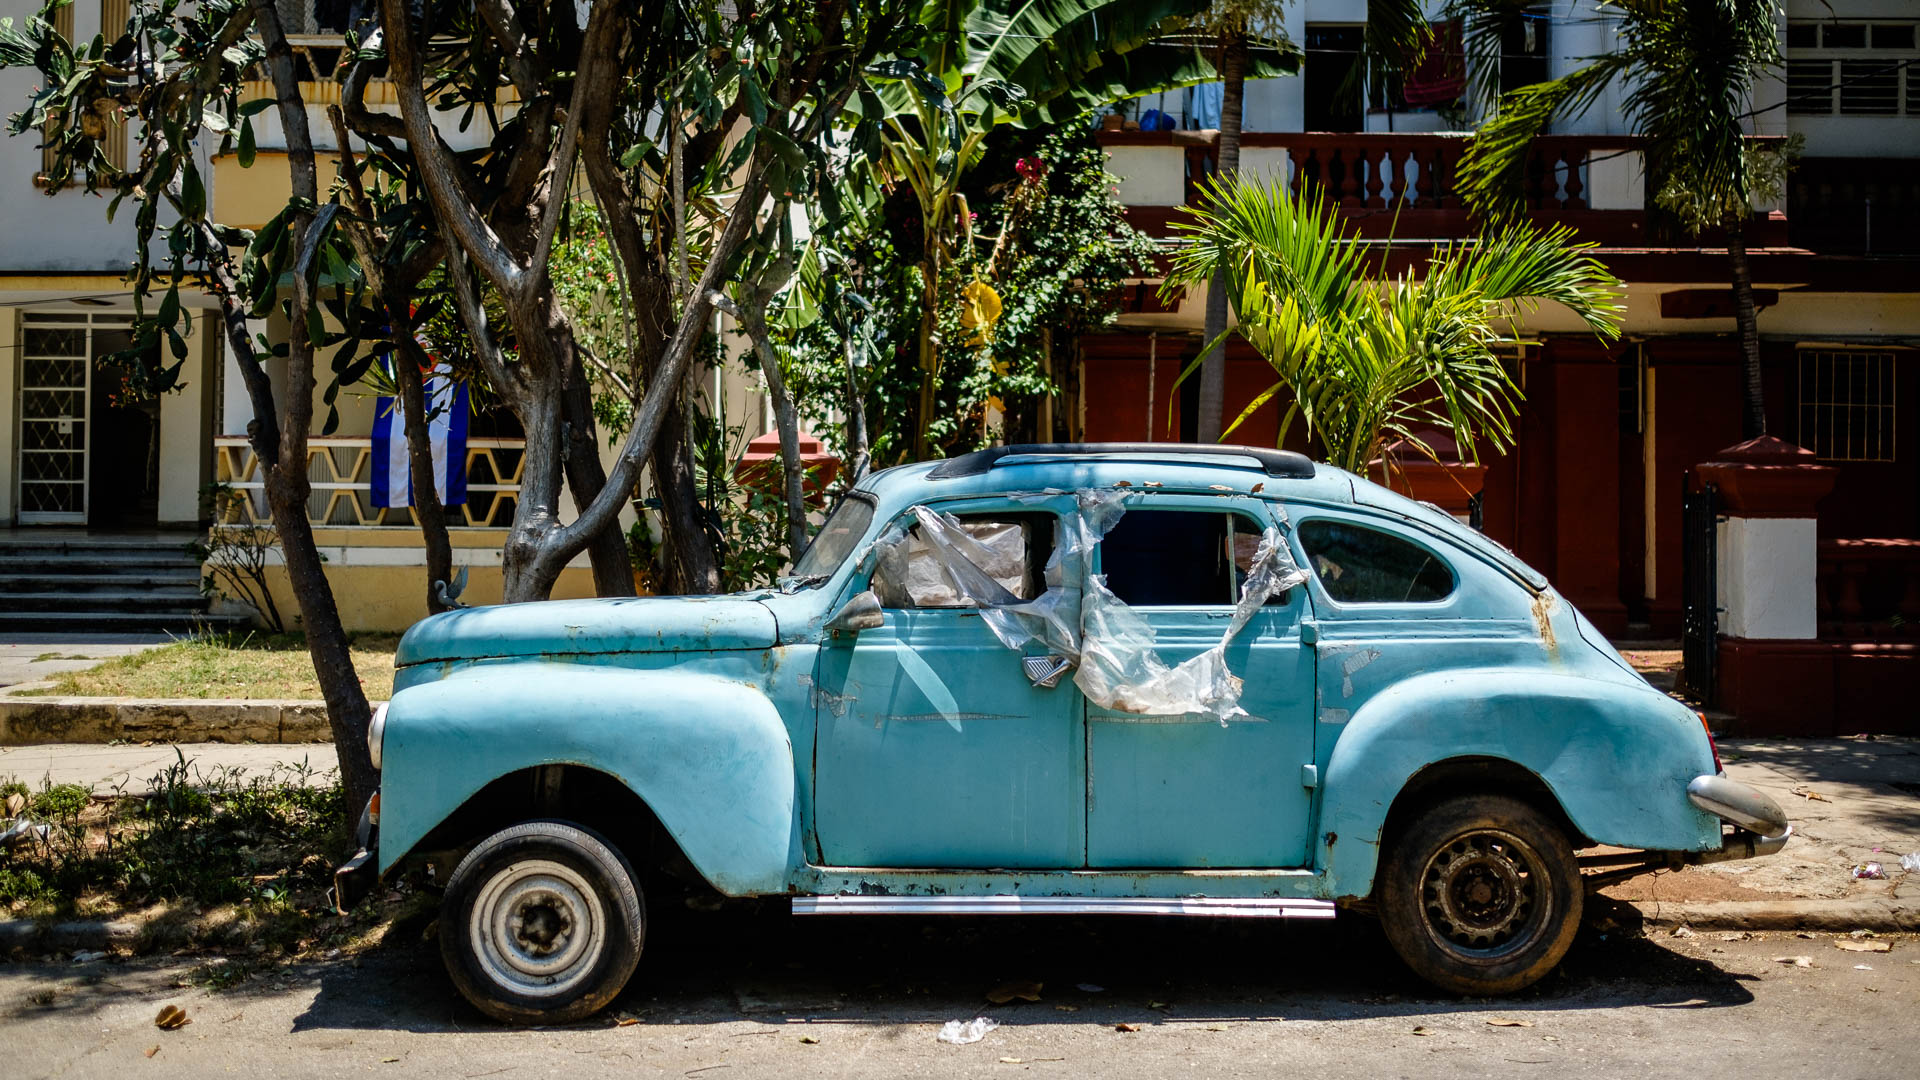 180501-Havana-165-1080.jpg